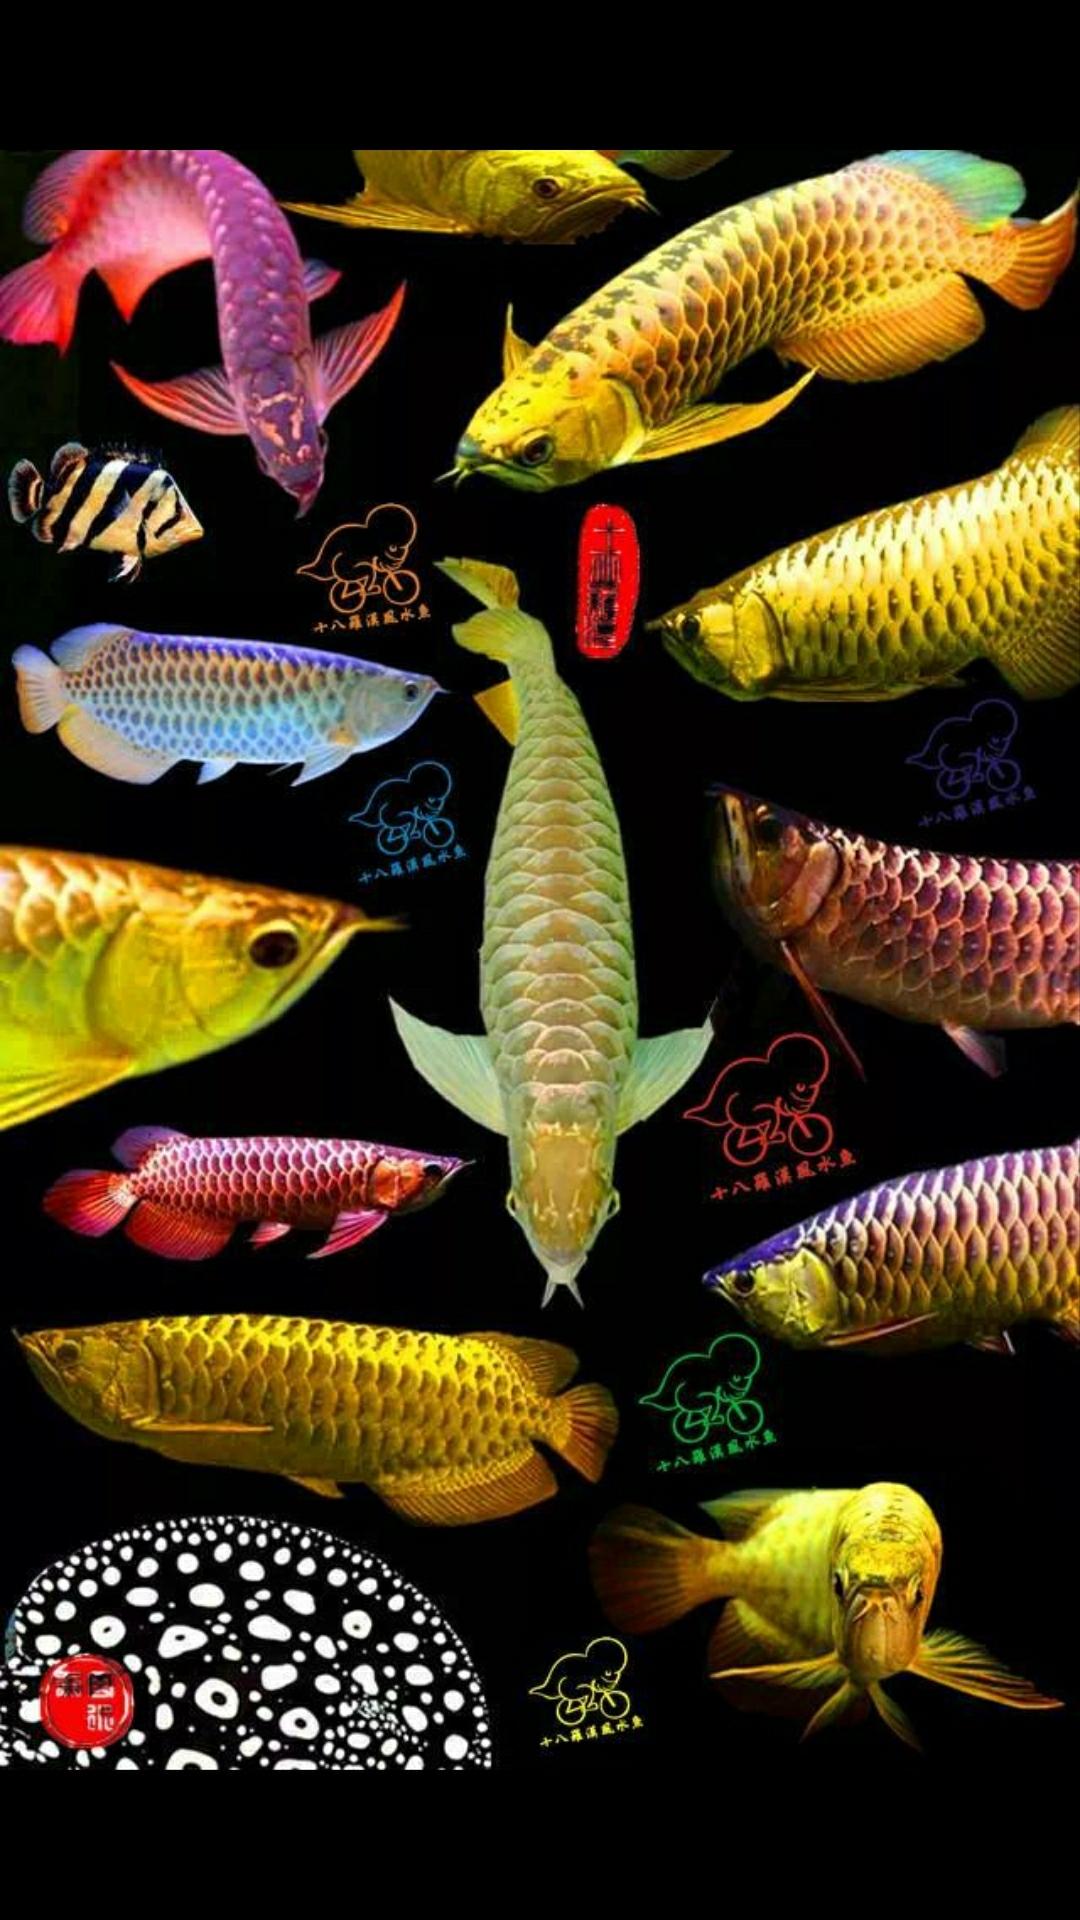 分享几张桌面图 西安观赏鱼信息 西安博特第4张